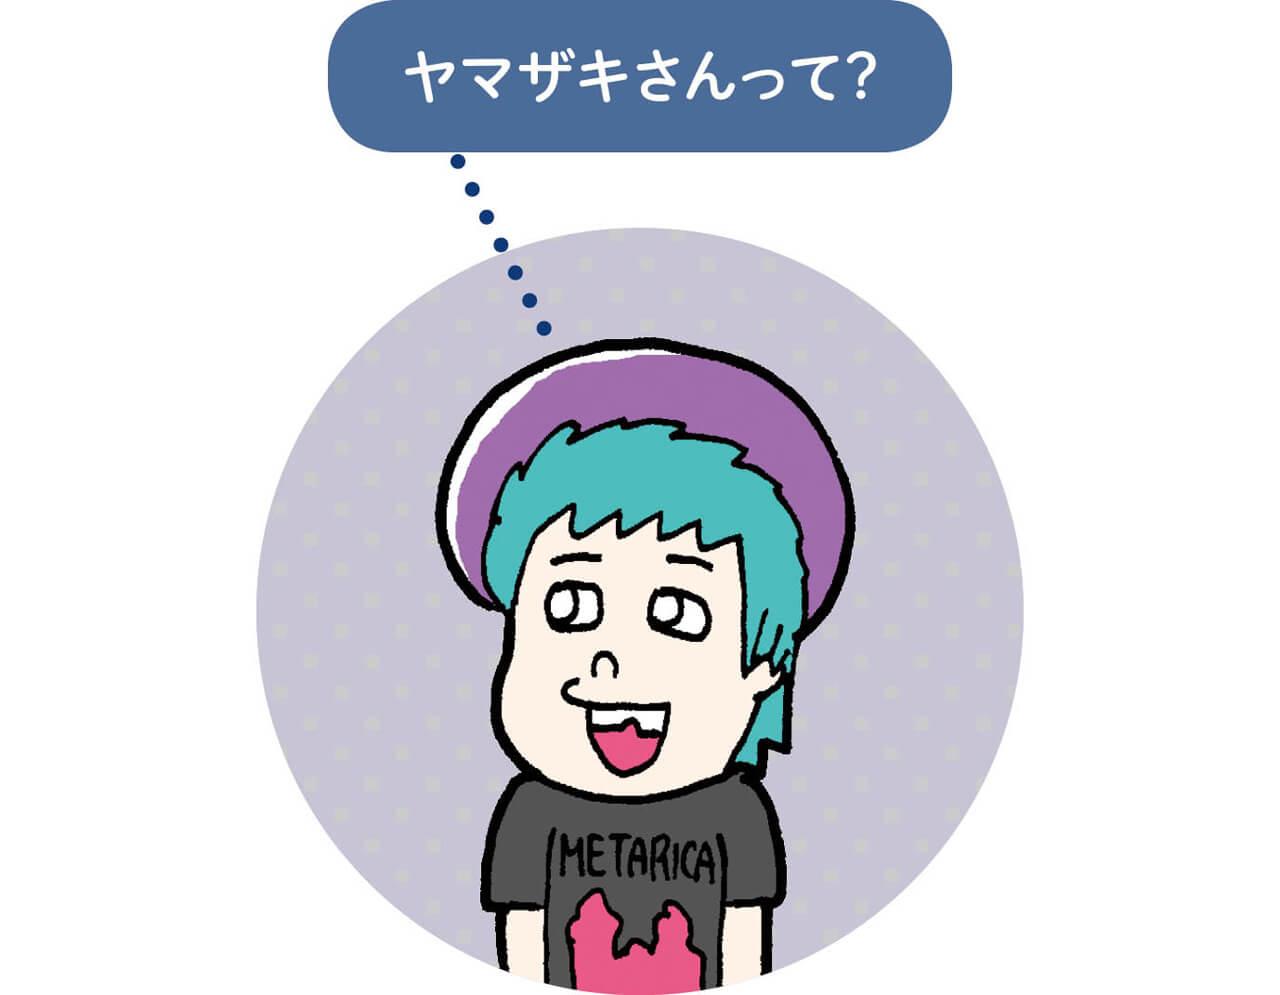 ヤマザキさんって? ヤマザキOKコンピュータさん